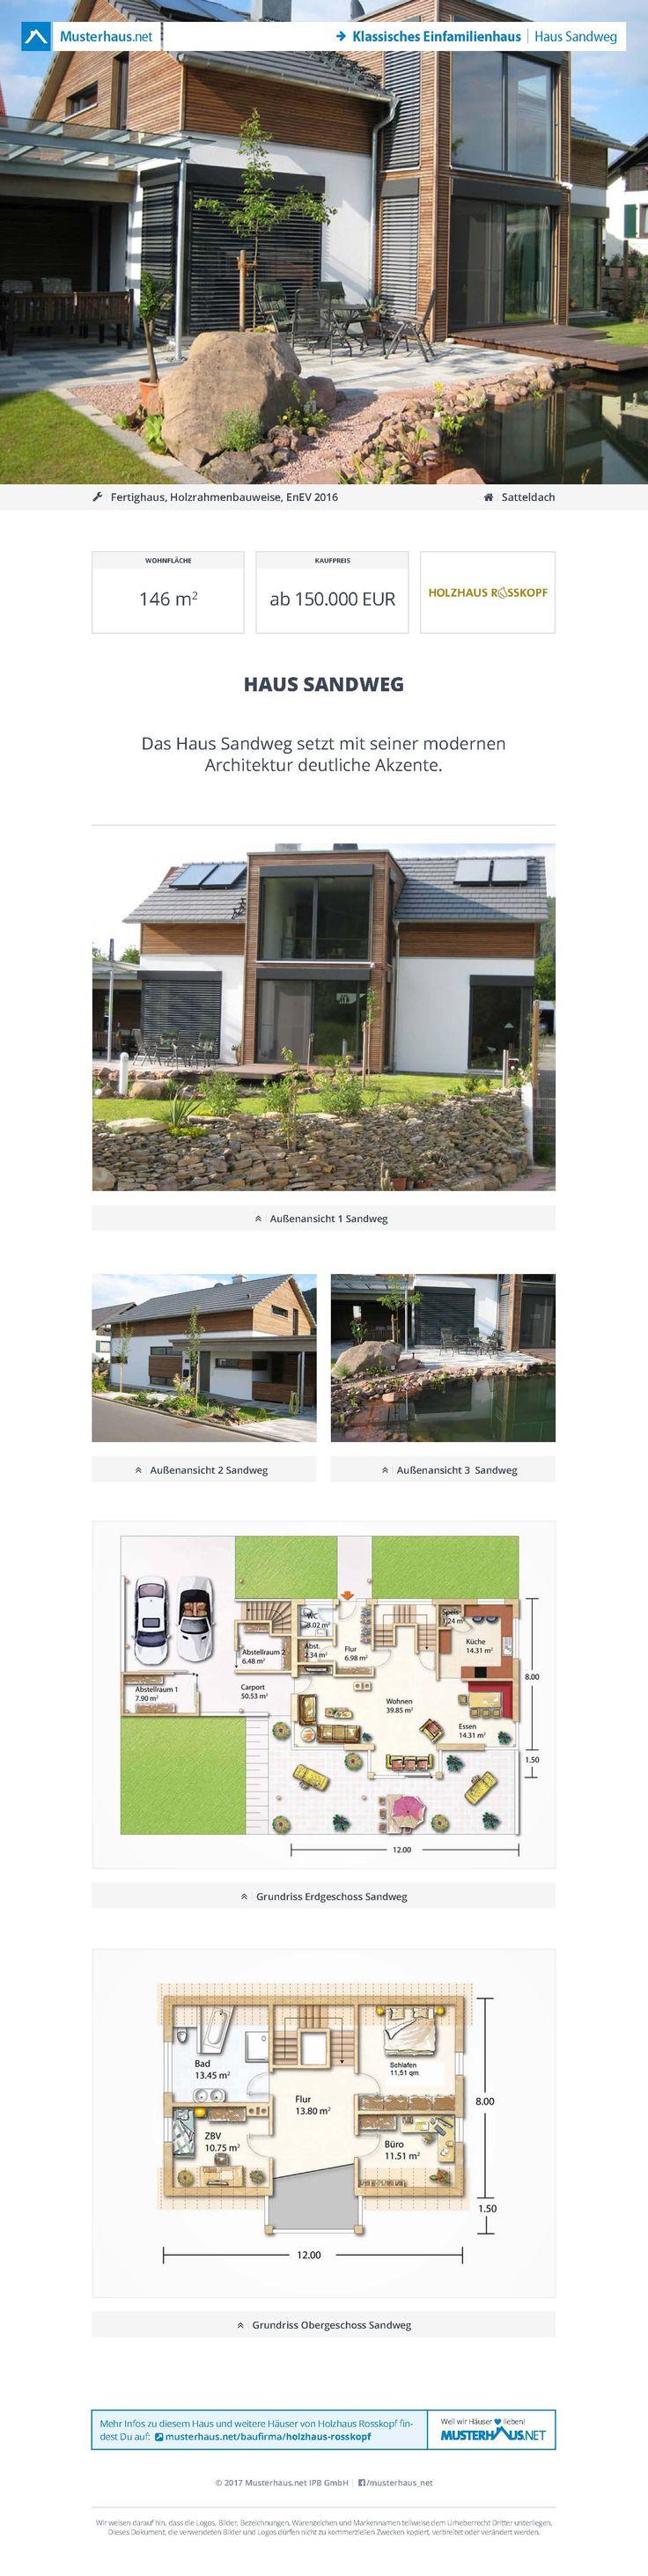 Haus Sandweg • Fertighaus von Holzhaus Rosskopf • Modernes Energiesparhaus mit großzügiger Verglasung und schönem Galeriebereich